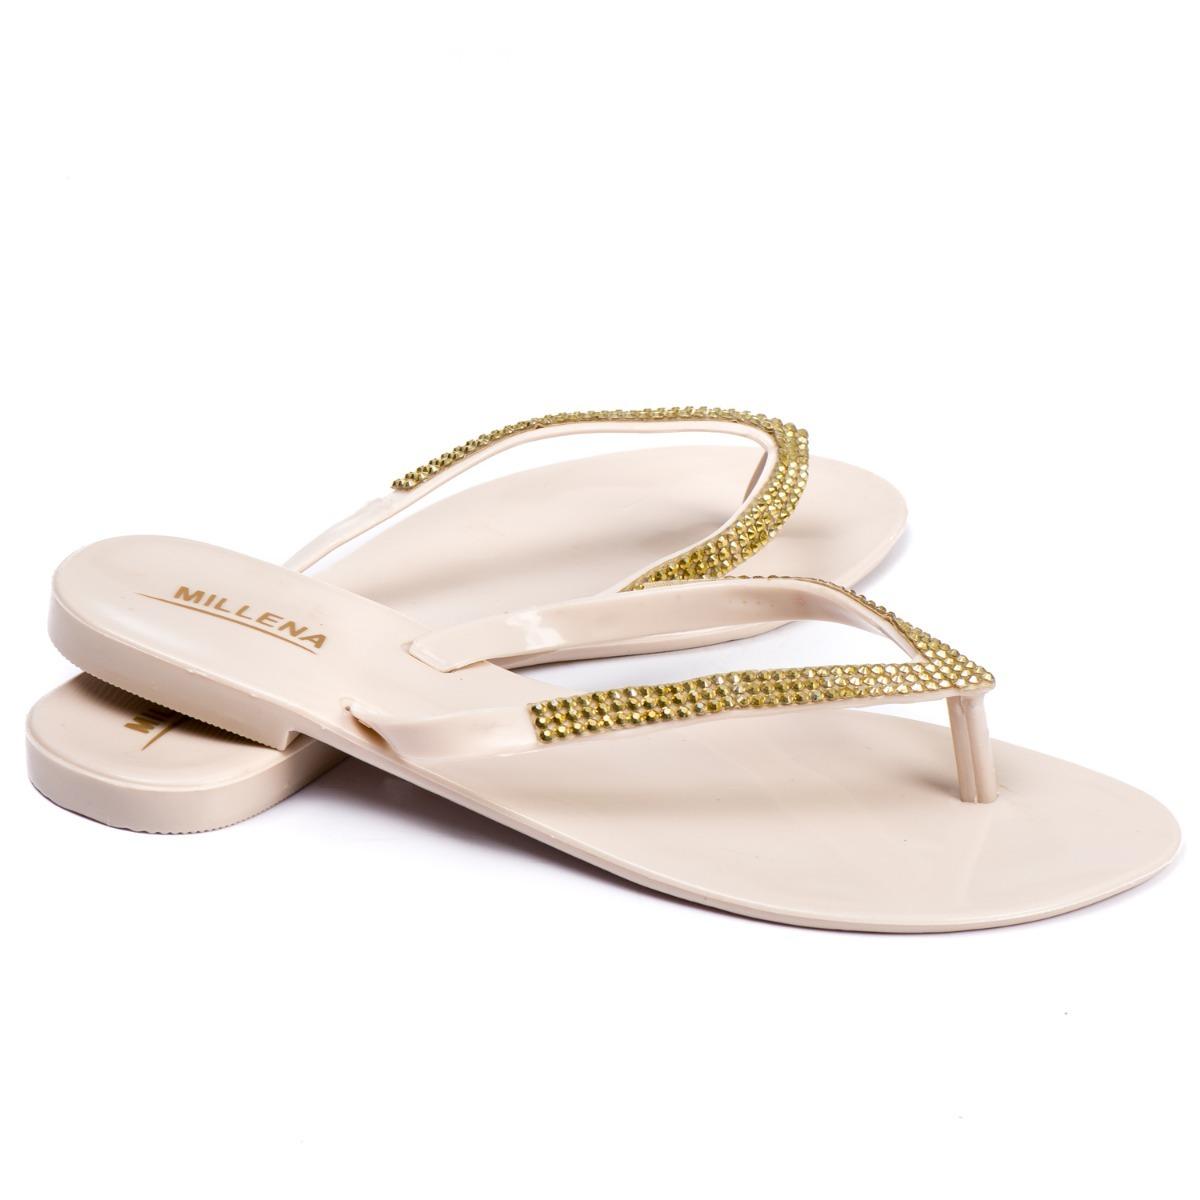 623562dd2f sandálias rasteirinhas rasteira tipo melissa strass nude. Carregando zoom.